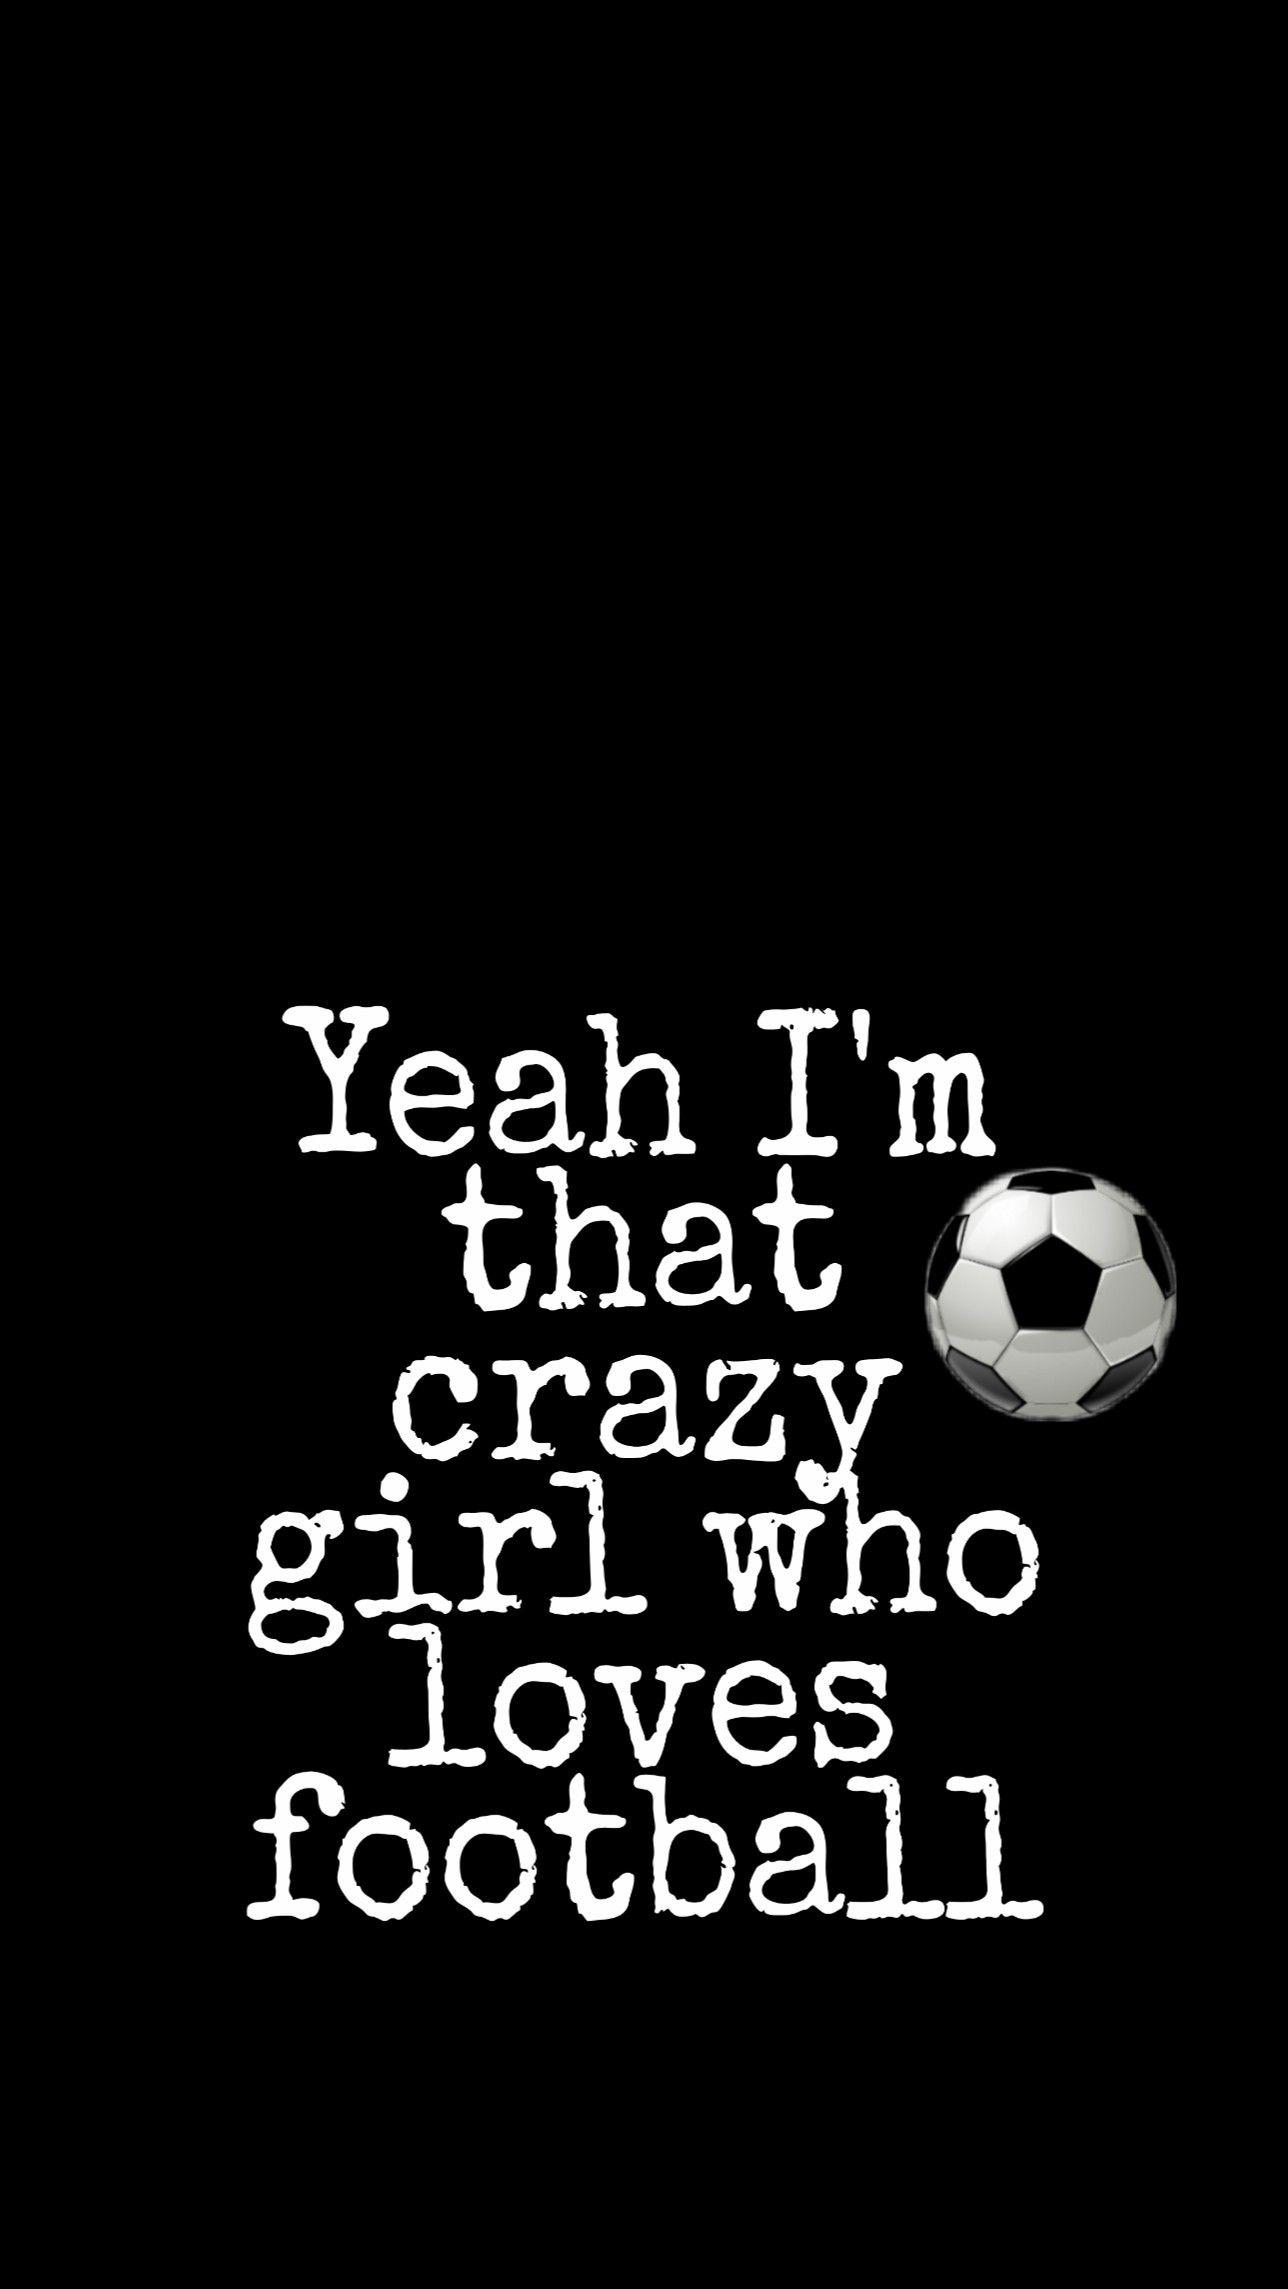 Soccer Wallpaper Girl : soccer, wallpaper, Football, Girls, Wallpaper, Soccer, Quotes, Girls,, Girl,